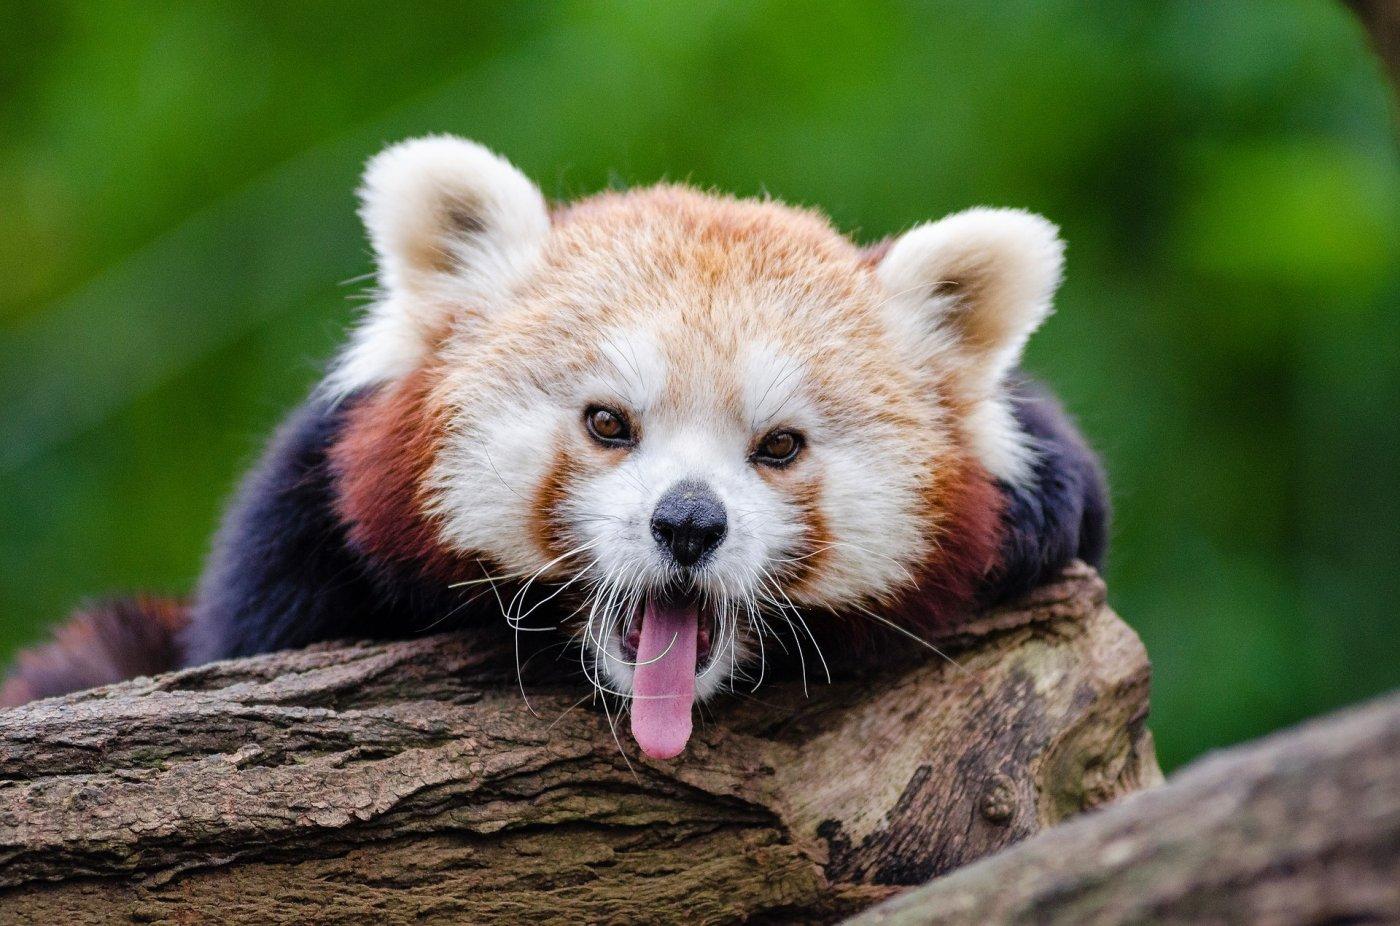 red-panda-1194506_1920